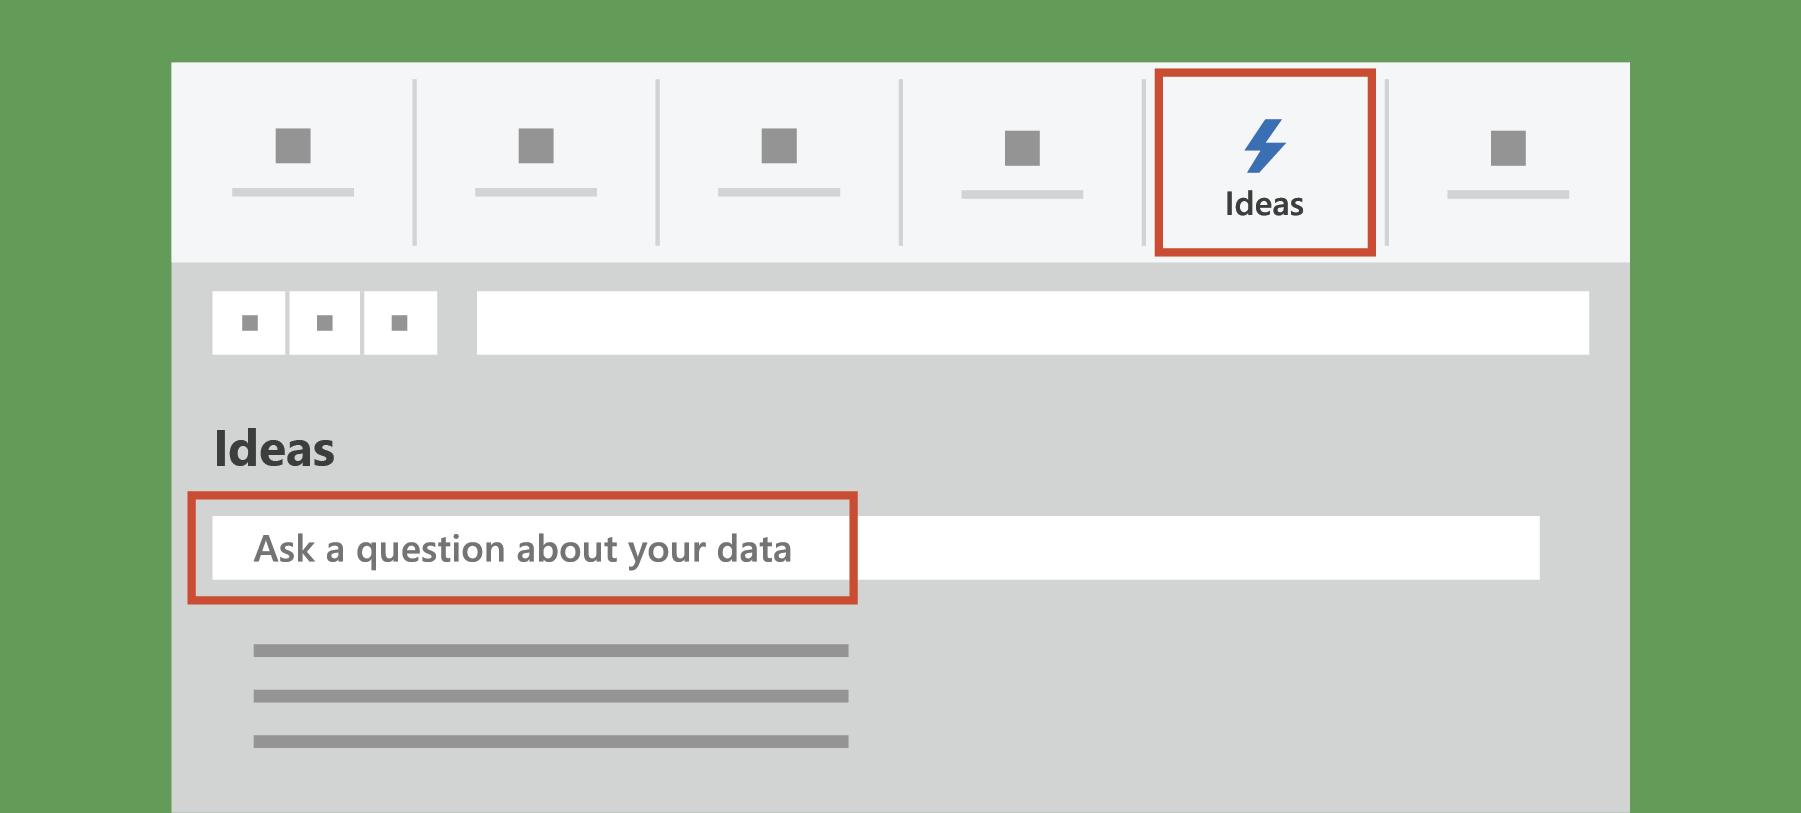 Prikaže analizo podatkov v Excelu